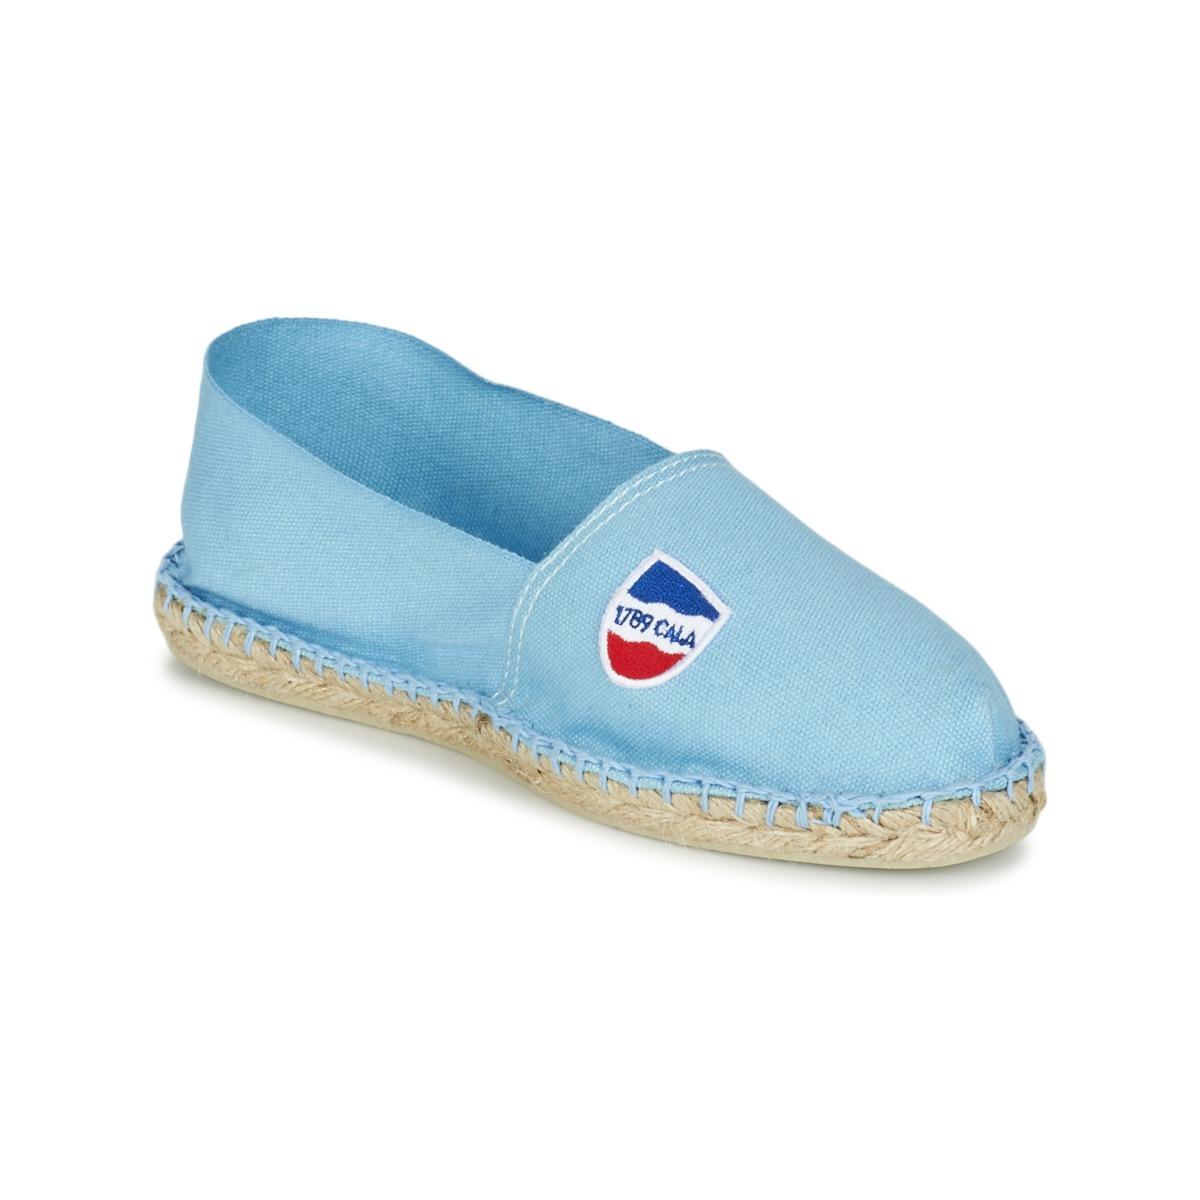 1789 Cala CLASSIQUE Blau - Kostenloser Versand bei Spartoode ! - Schuhe Leinen-Pantoletten mit gefloch  24,49 €